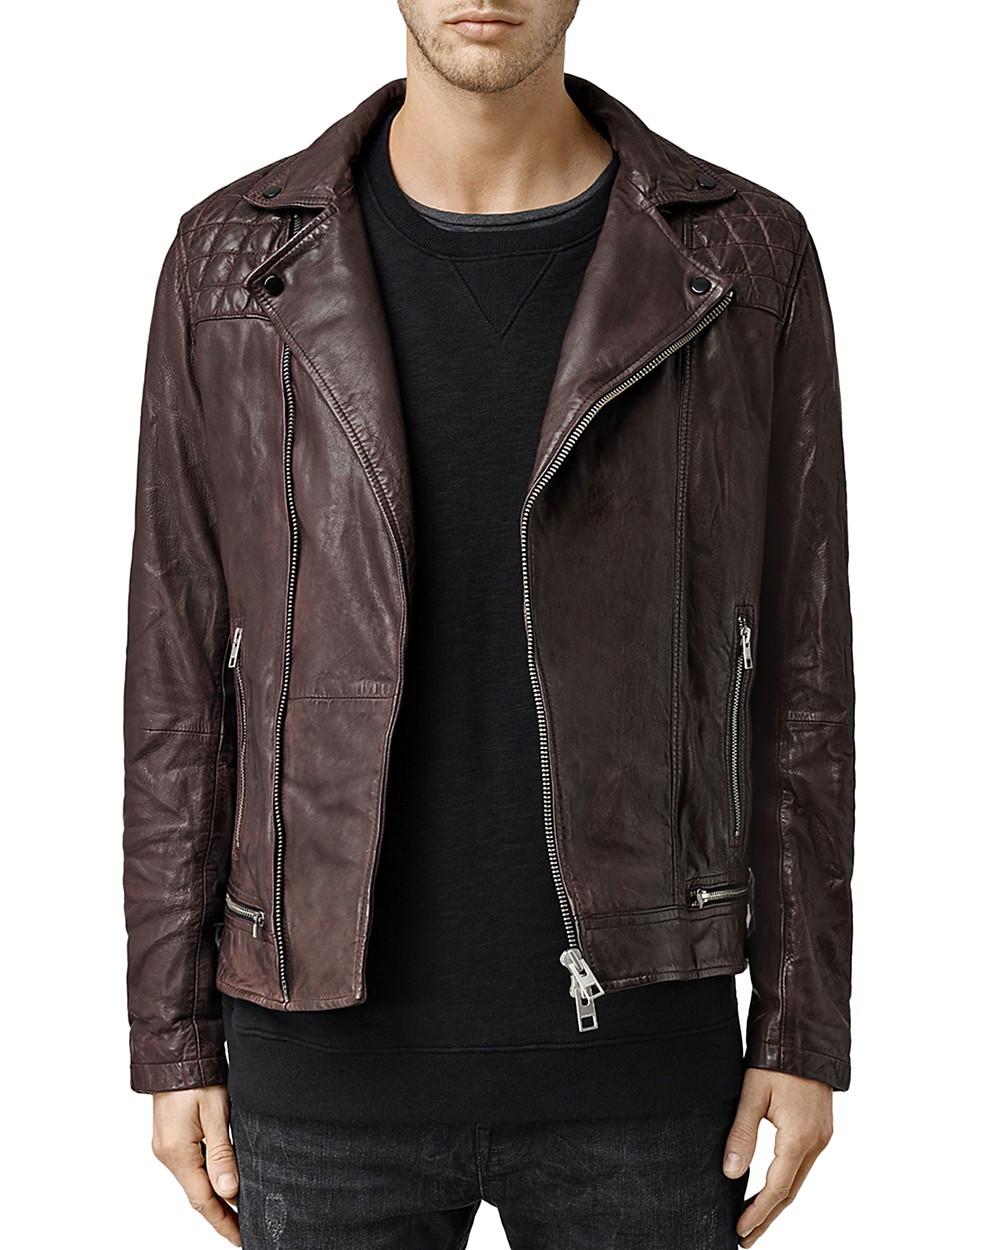 Allsaints Leathers ALLSAINTS Conroy Leather Biker Jacket